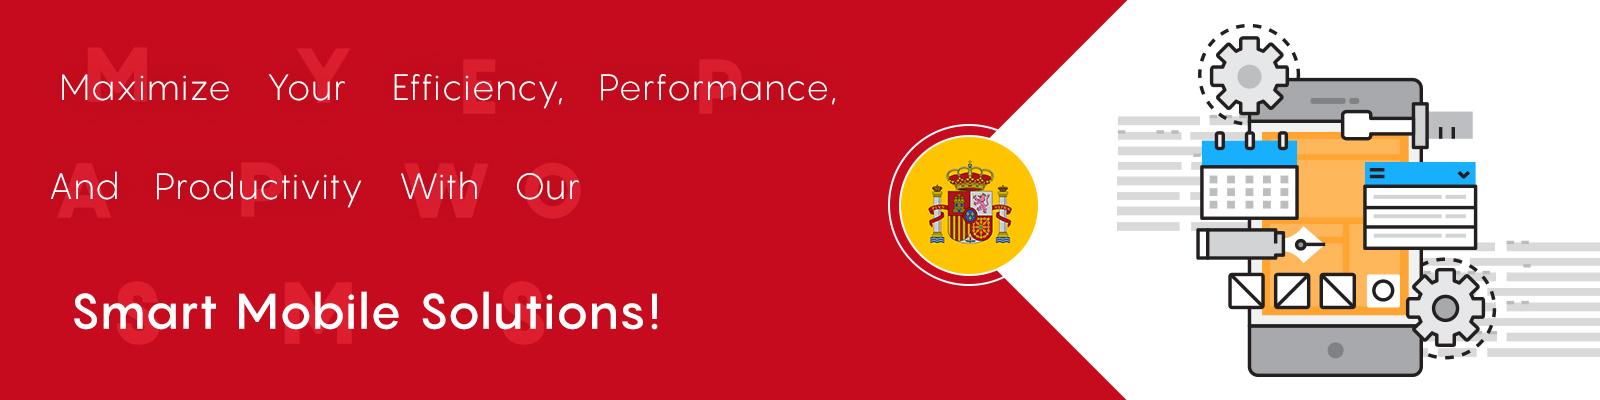 mobile app development company Malaga